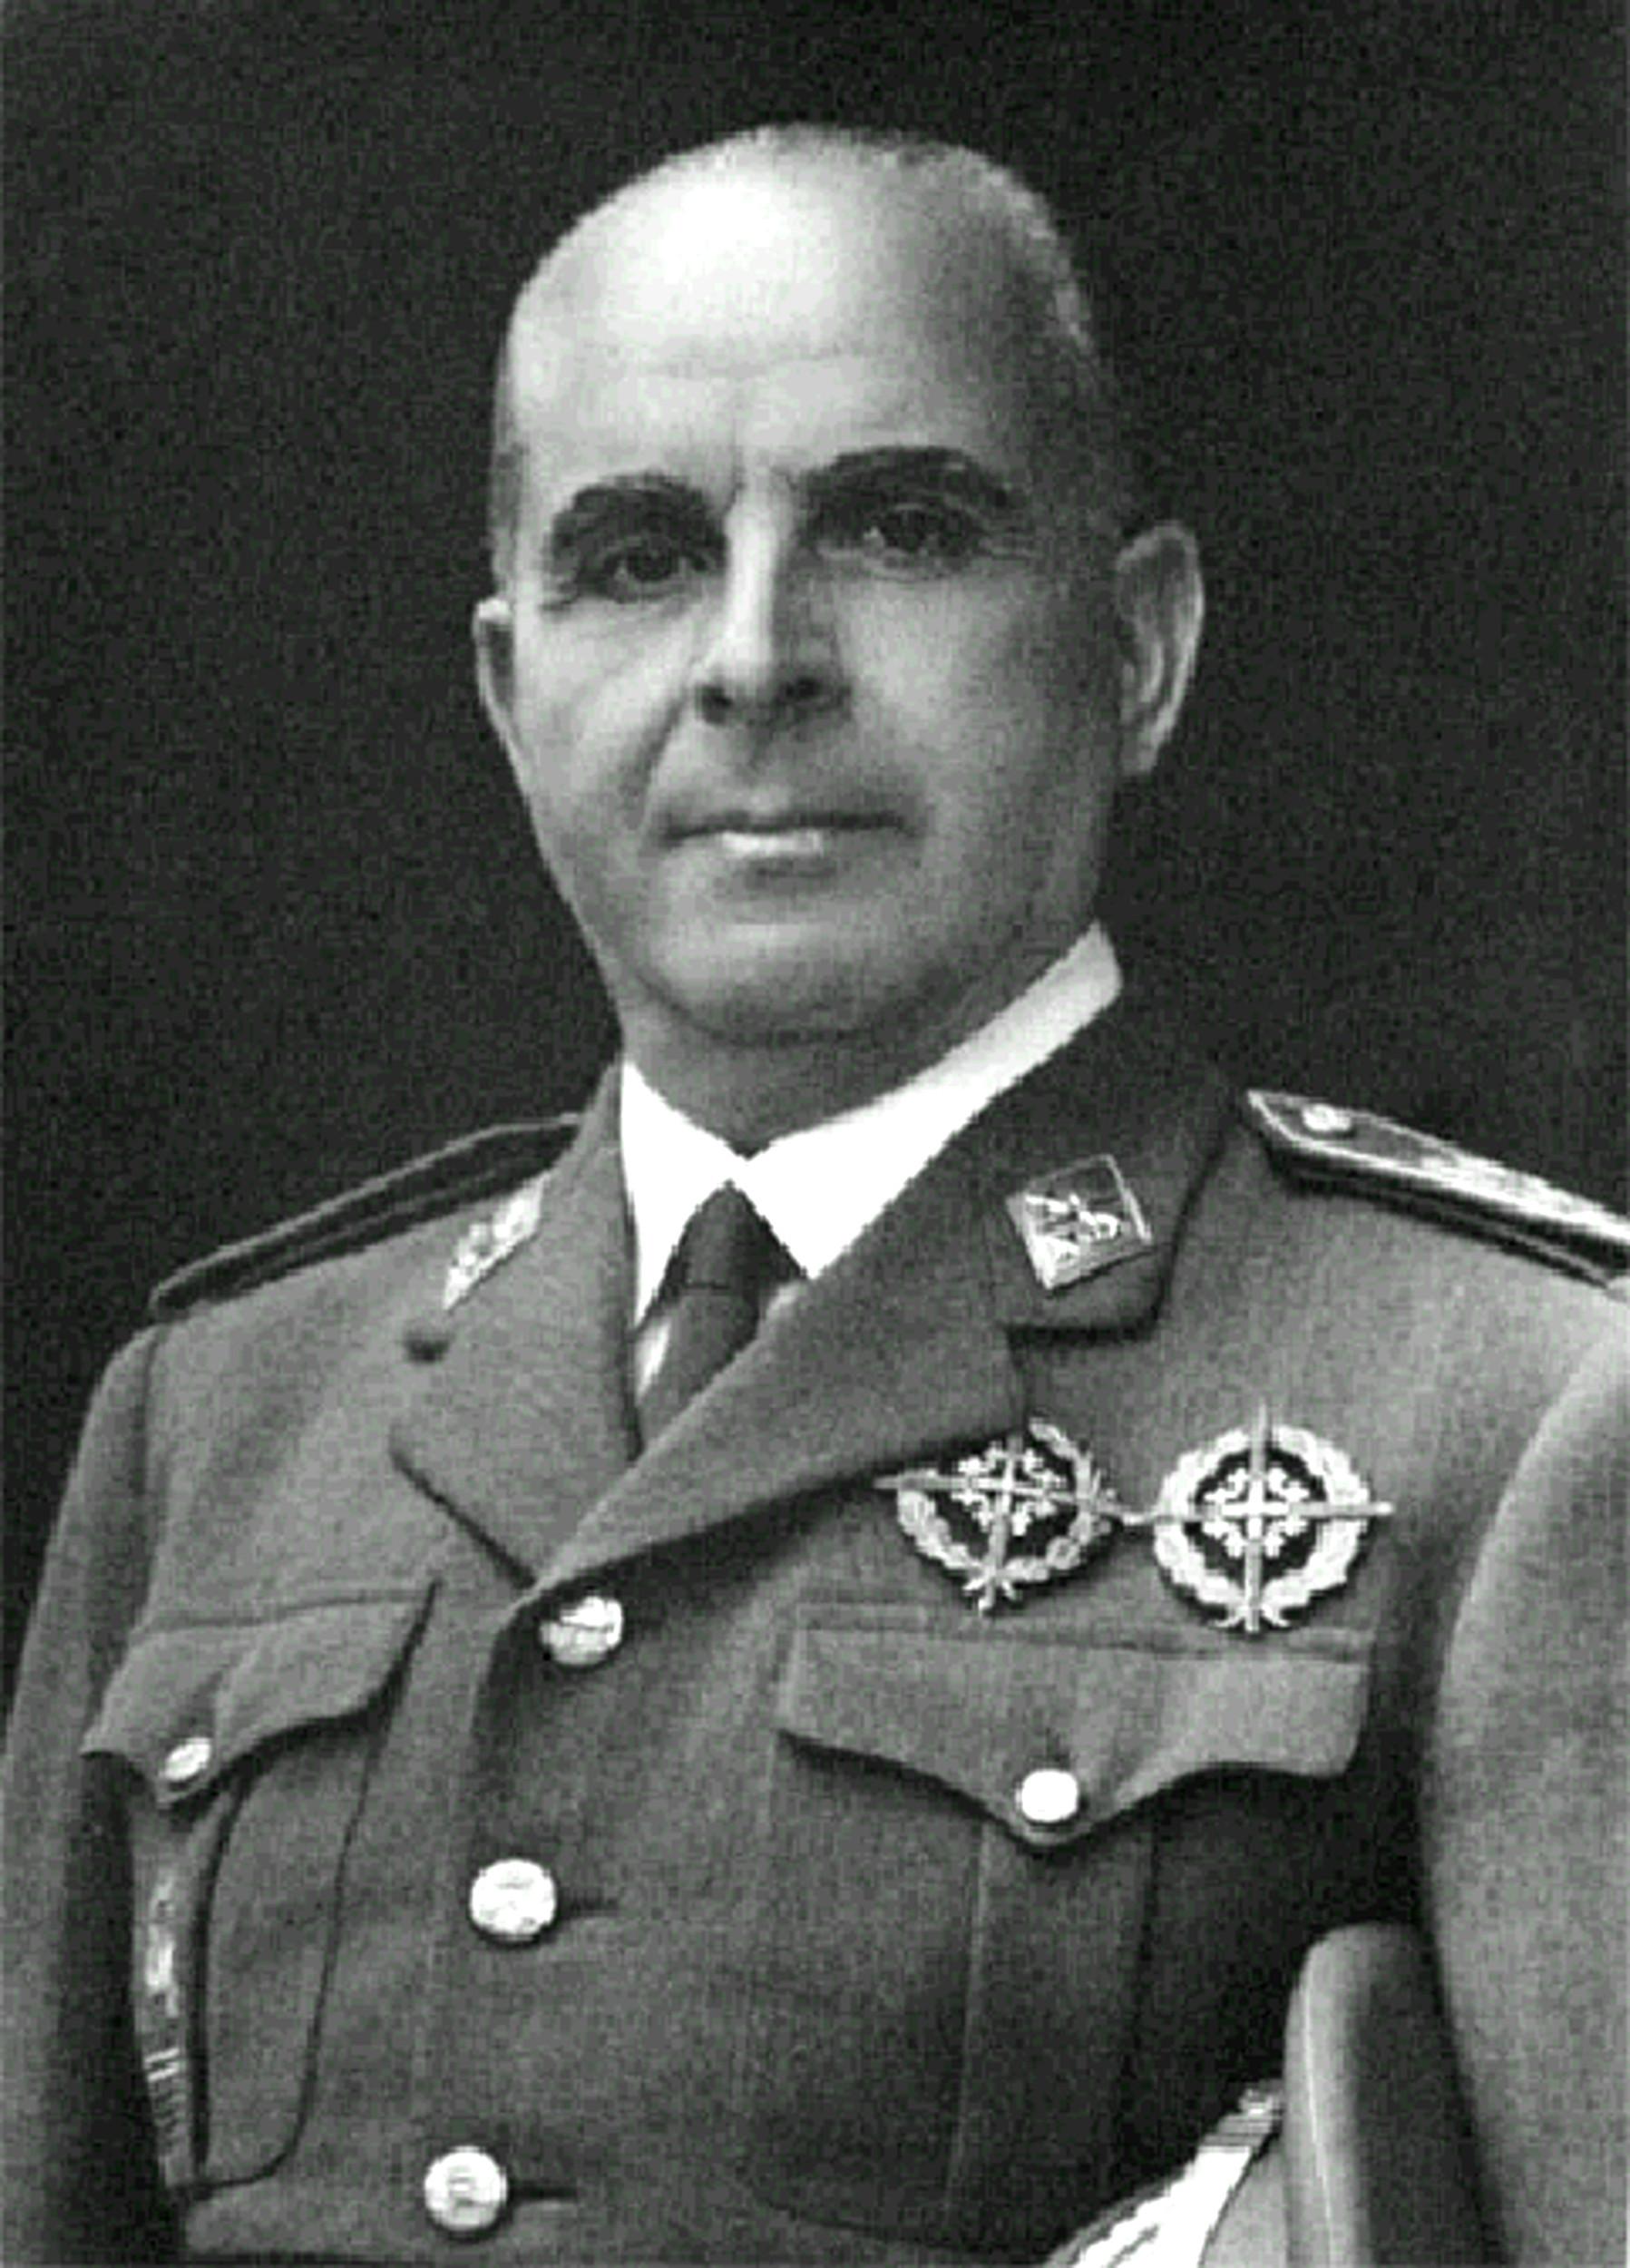 José Enrique Varela Iglesias